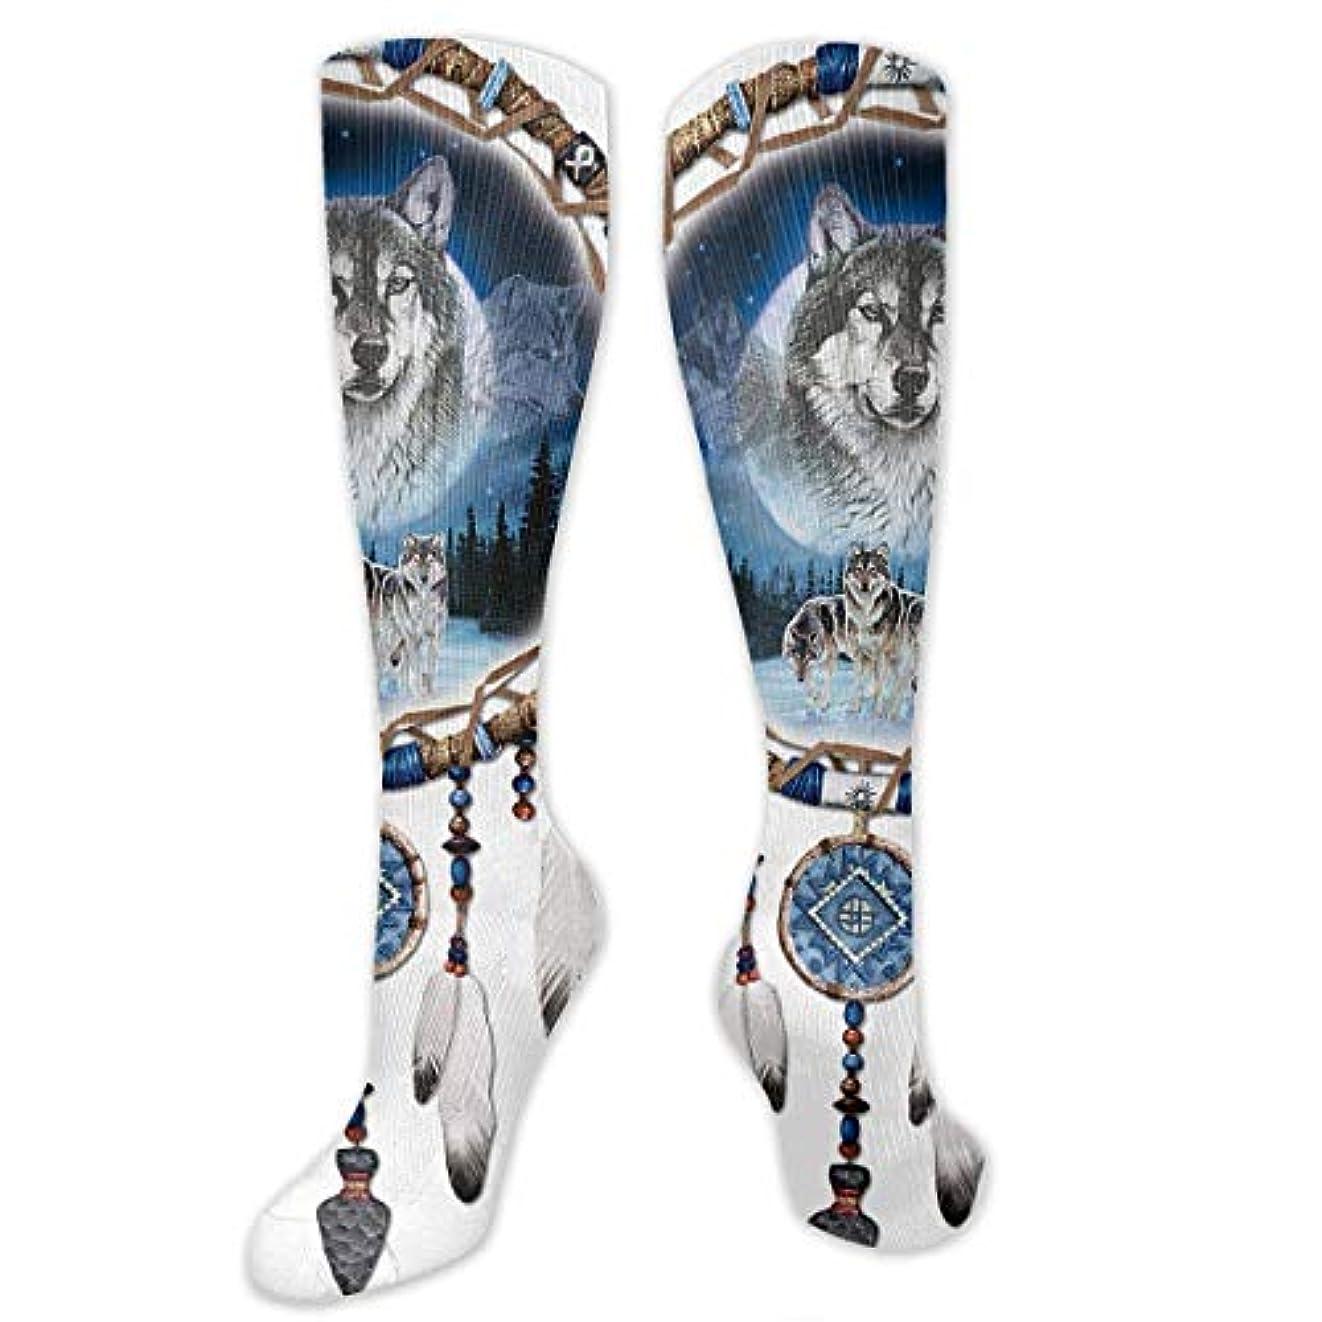 エンドテーブルクレーター知性Qrriyメンズアメリカオオカミの夢は柔らかい伸縮性のクリスマスホリデークールカジュアルドレスソックス、カジュアルクルースリッパソックス、各種デザイン